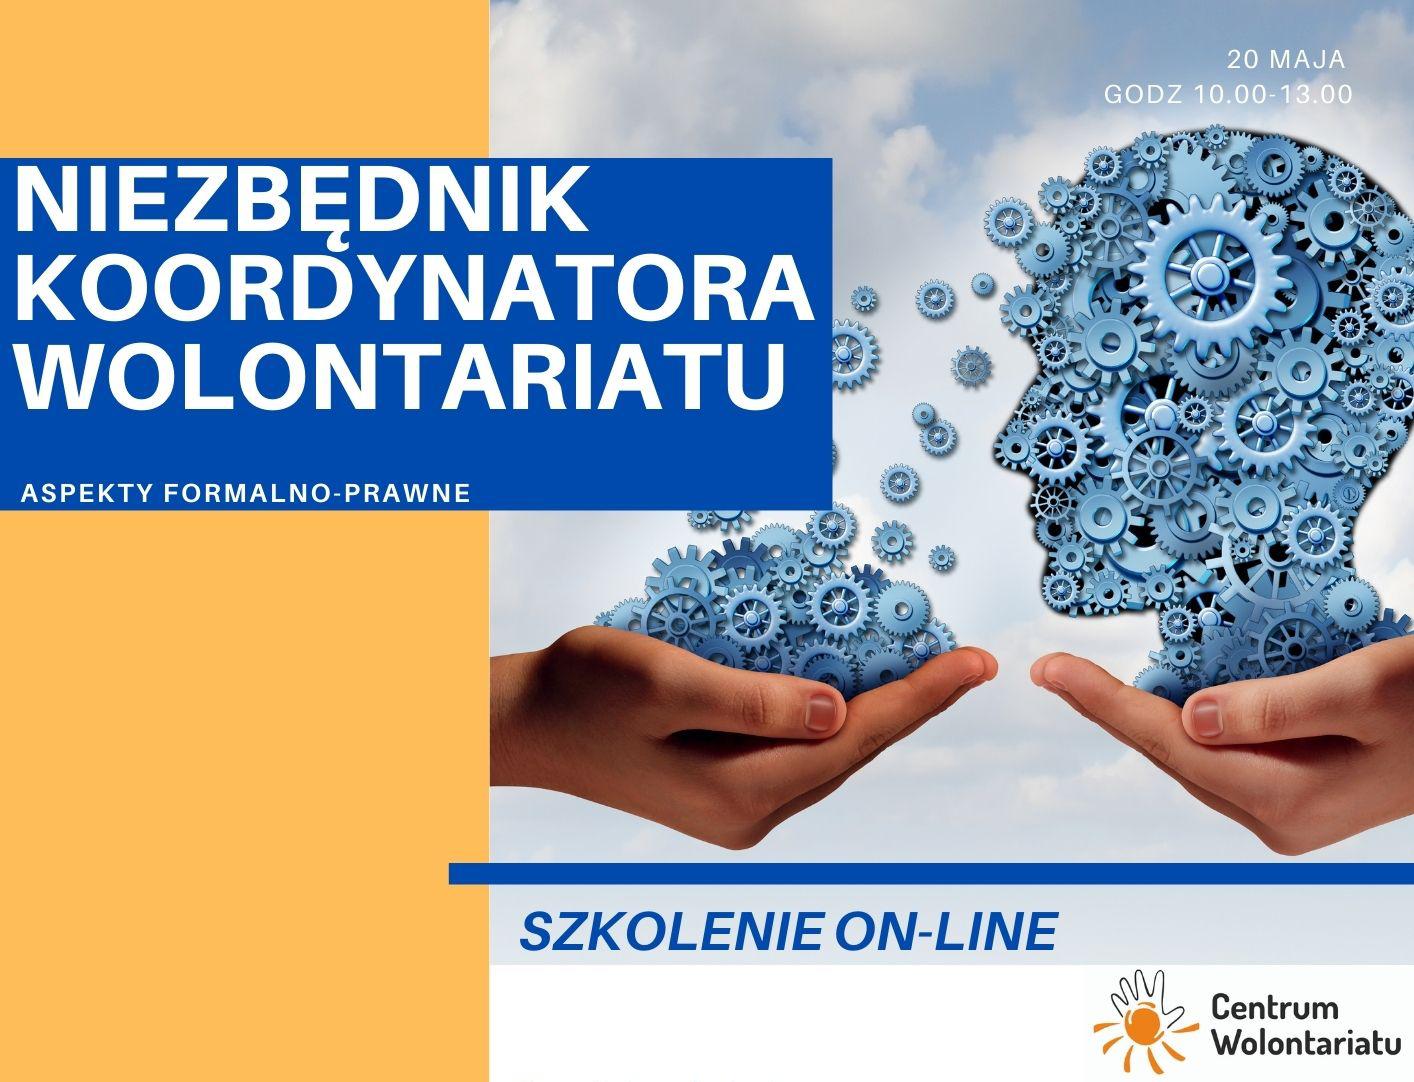 Niezbędnik koordynatora wolontariatu – zaproszenie na szkolenie dla osób z całej Polski